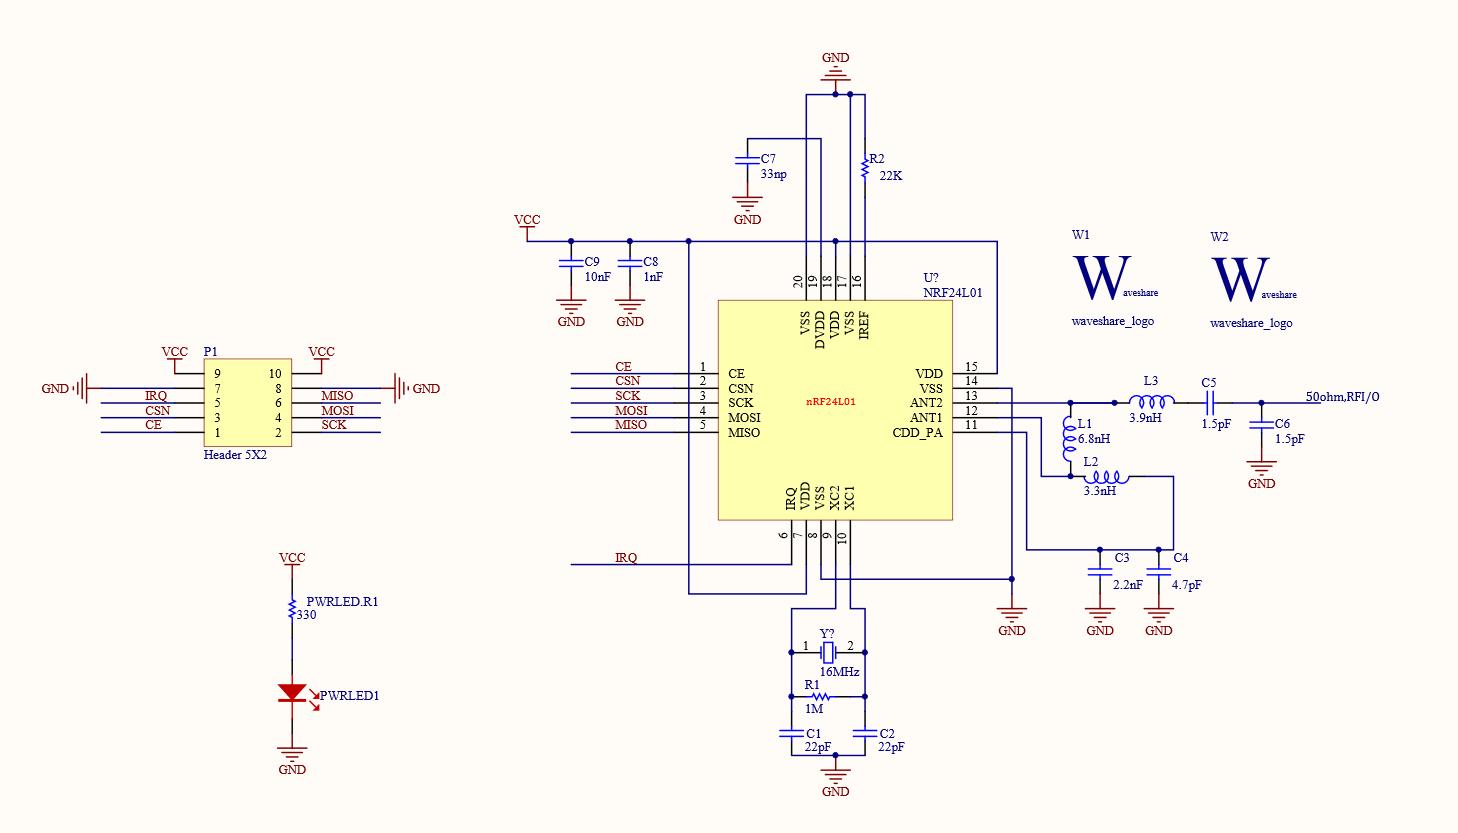 NRF24L01-RF-Board-B-Schematic.png (52 KB)